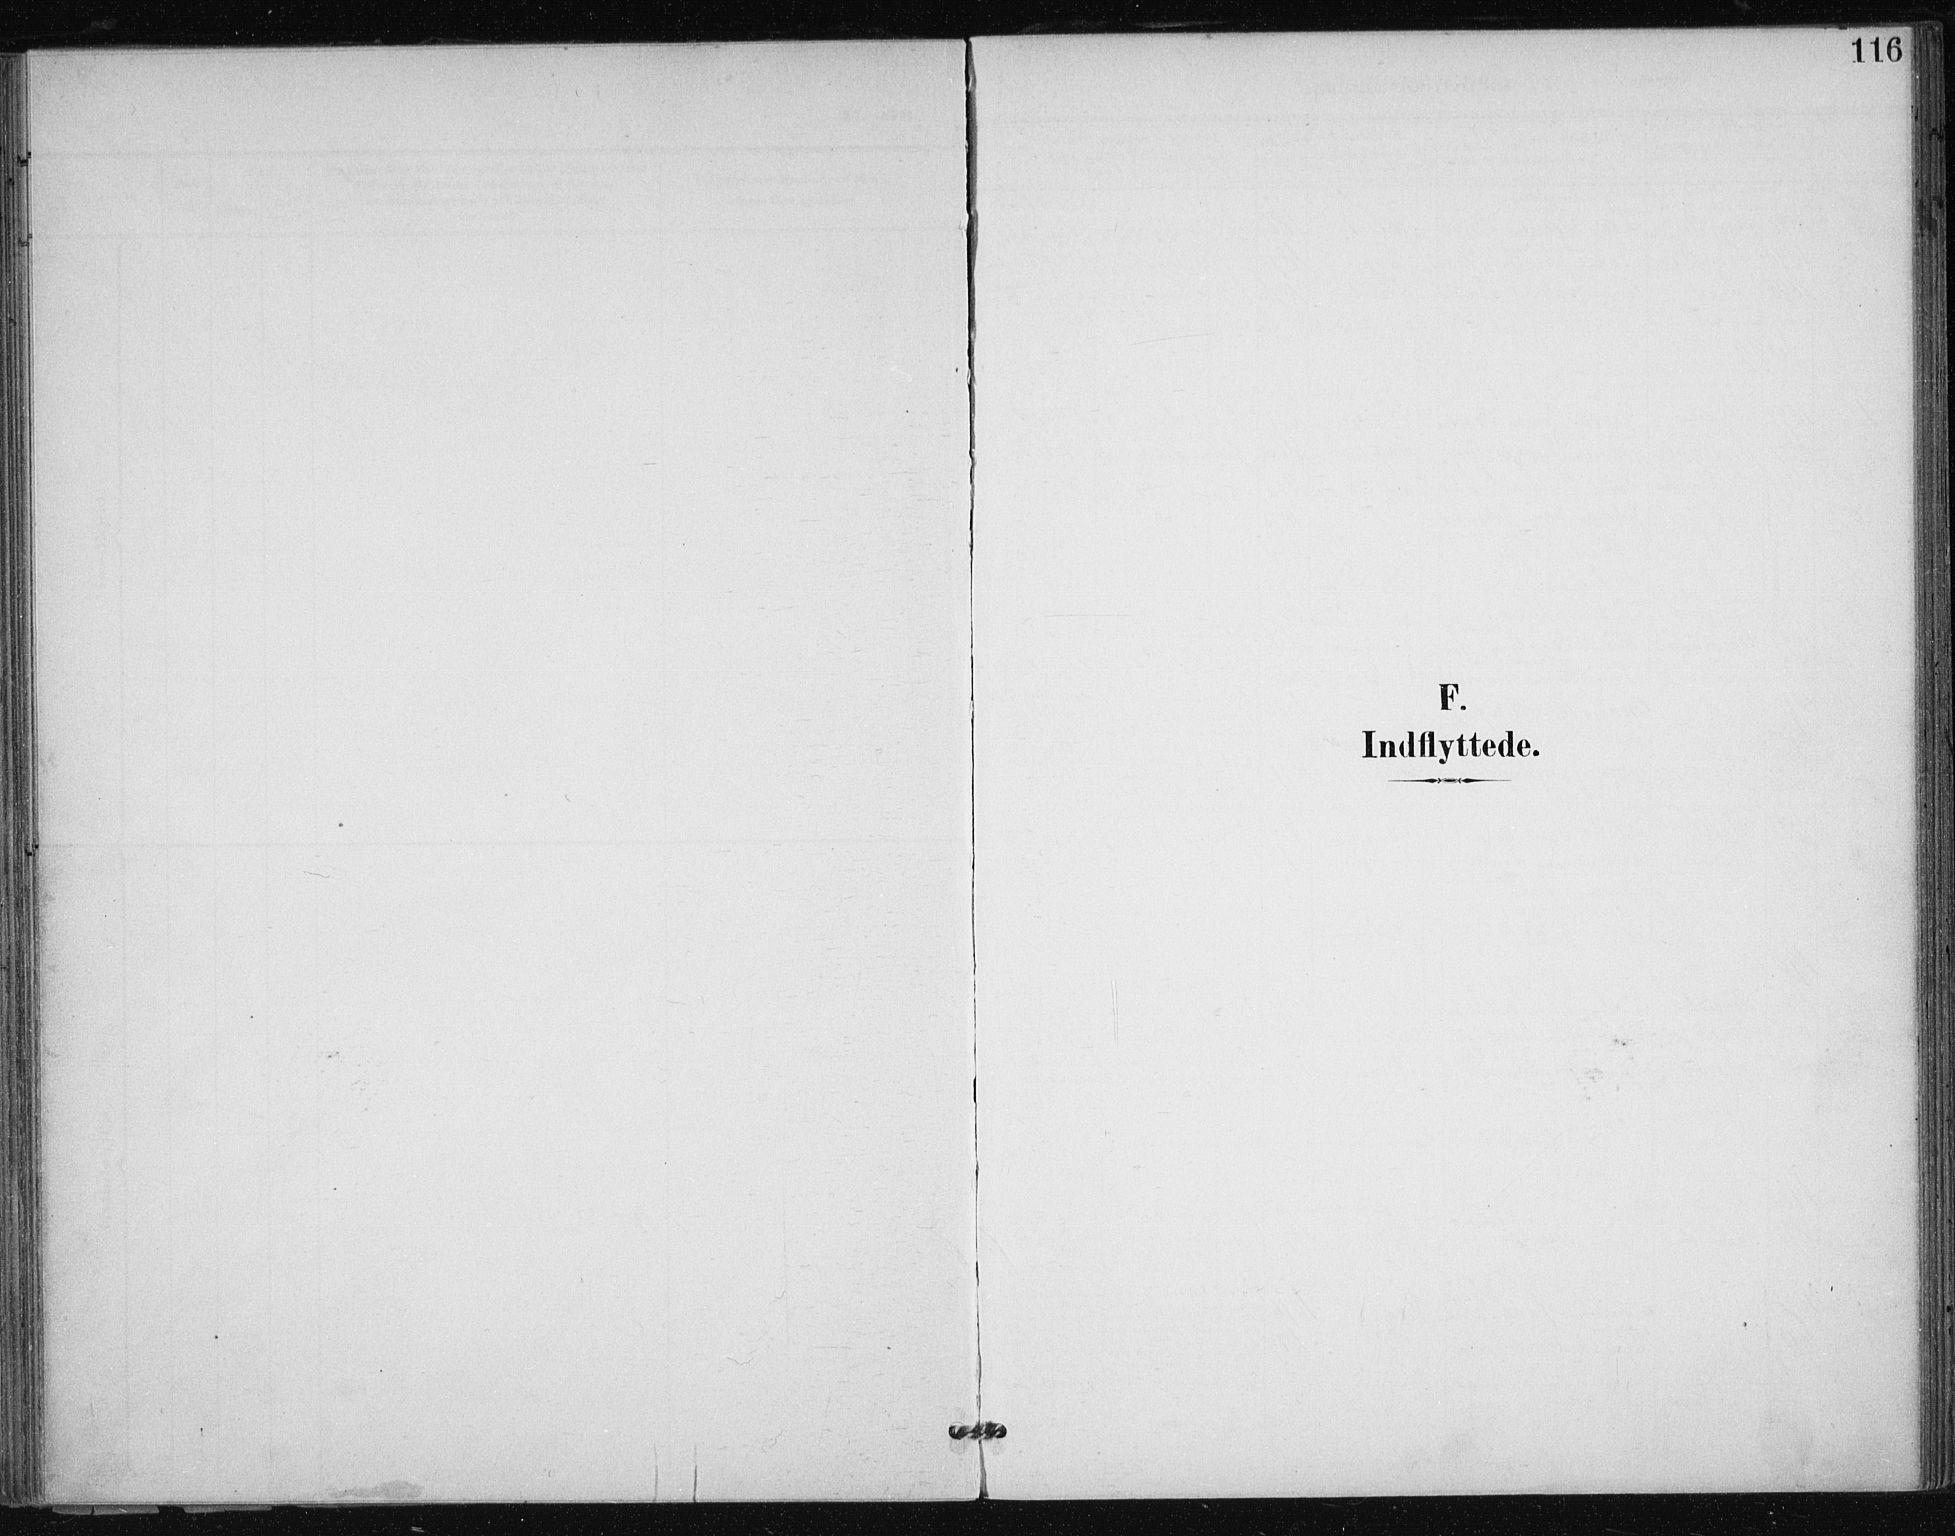 SAT, Ministerialprotokoller, klokkerbøker og fødselsregistre - Sør-Trøndelag, 612/L0380: Ministerialbok nr. 612A12, 1898-1907, s. 116